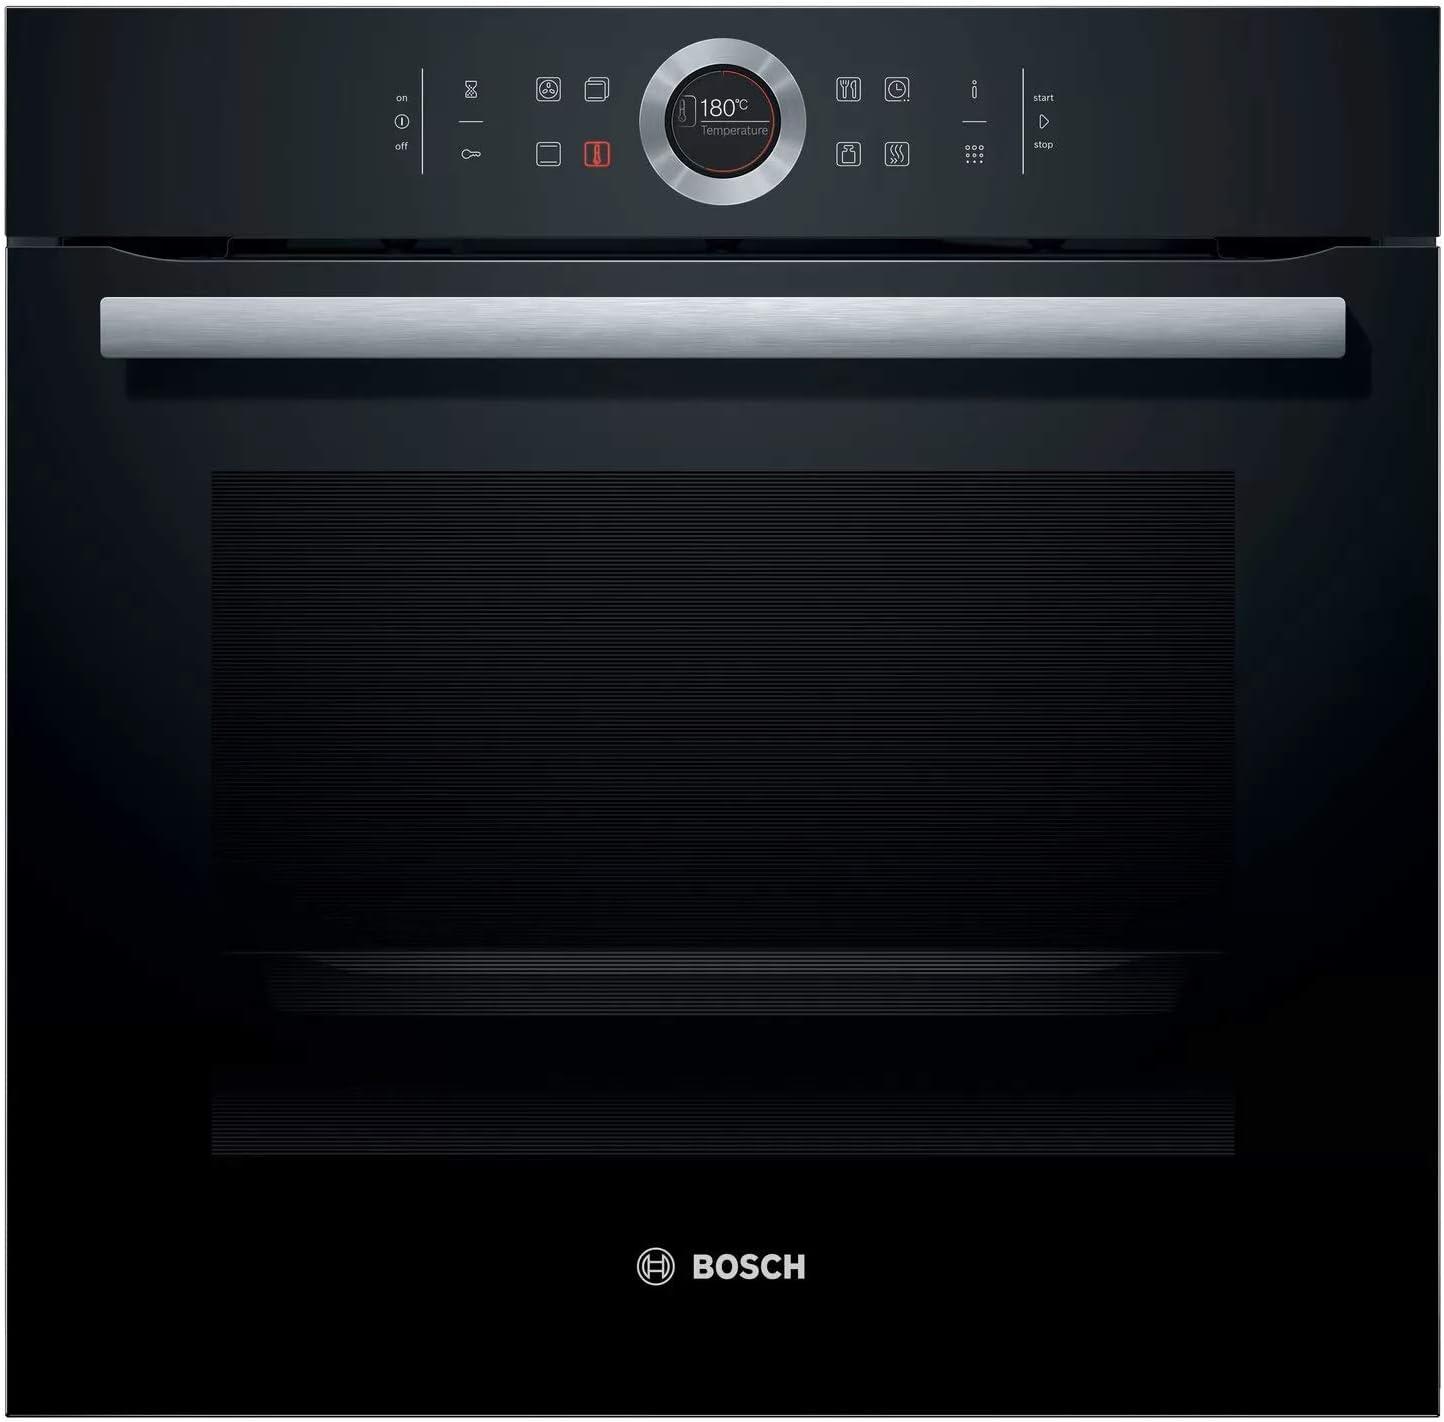 Bosch Serie 8 HBG675BB1 - Horno multifunción, 60 cm, Autolimpieza pirolítica, 3400 W , 13 funciones, Bloqueo de seguridad, Color Negro-Acero inoxidable